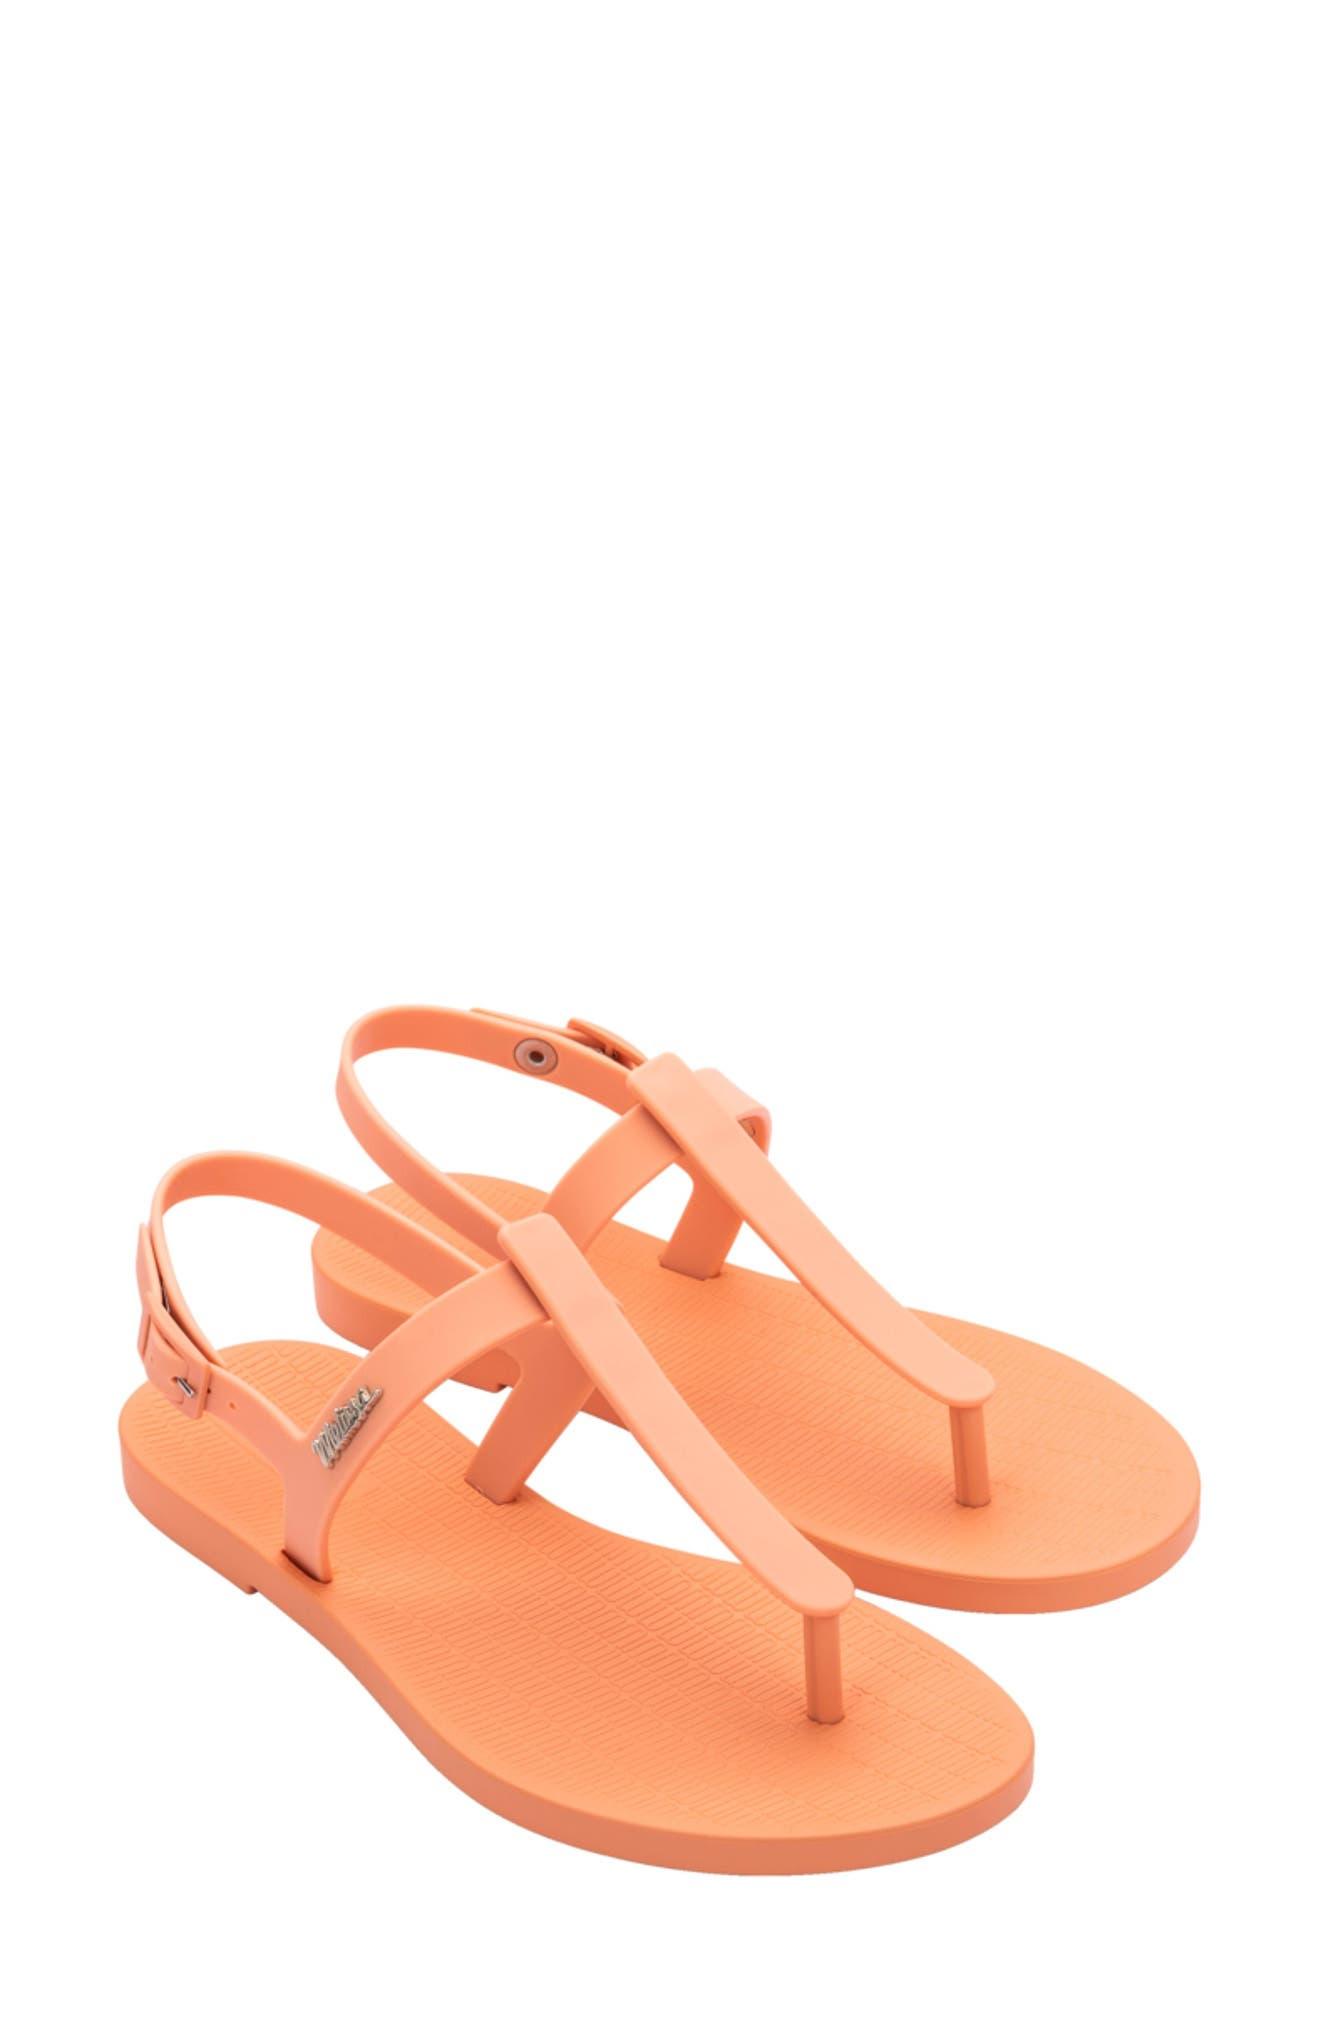 Arch Support Flip Flop Sandales pour femme Marron W Orange Fleurs quantité limitée